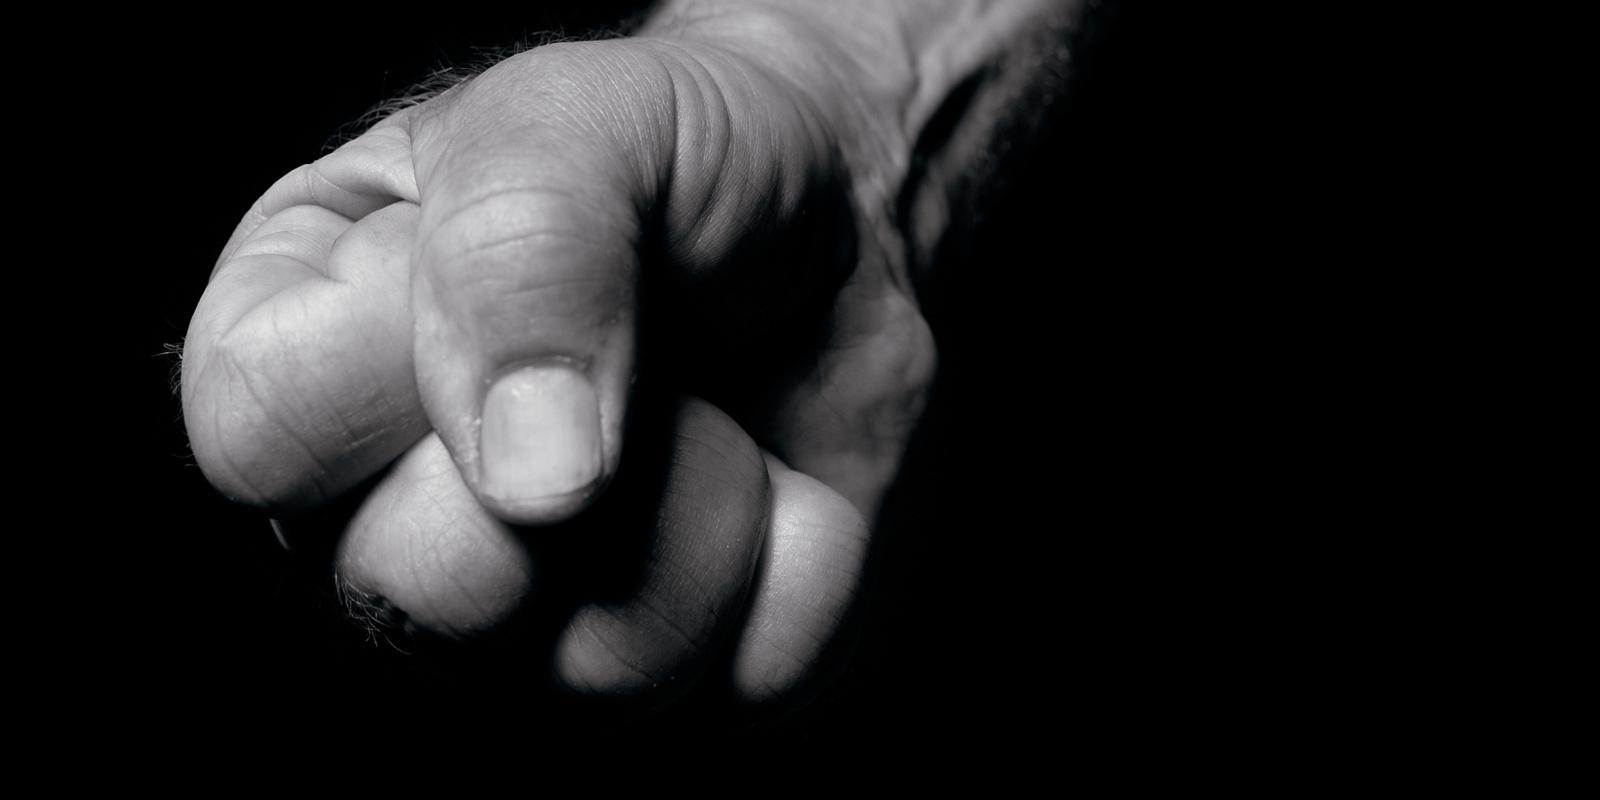 Picerijoje Radviliškyje du vyrai sumušė jaunuolį